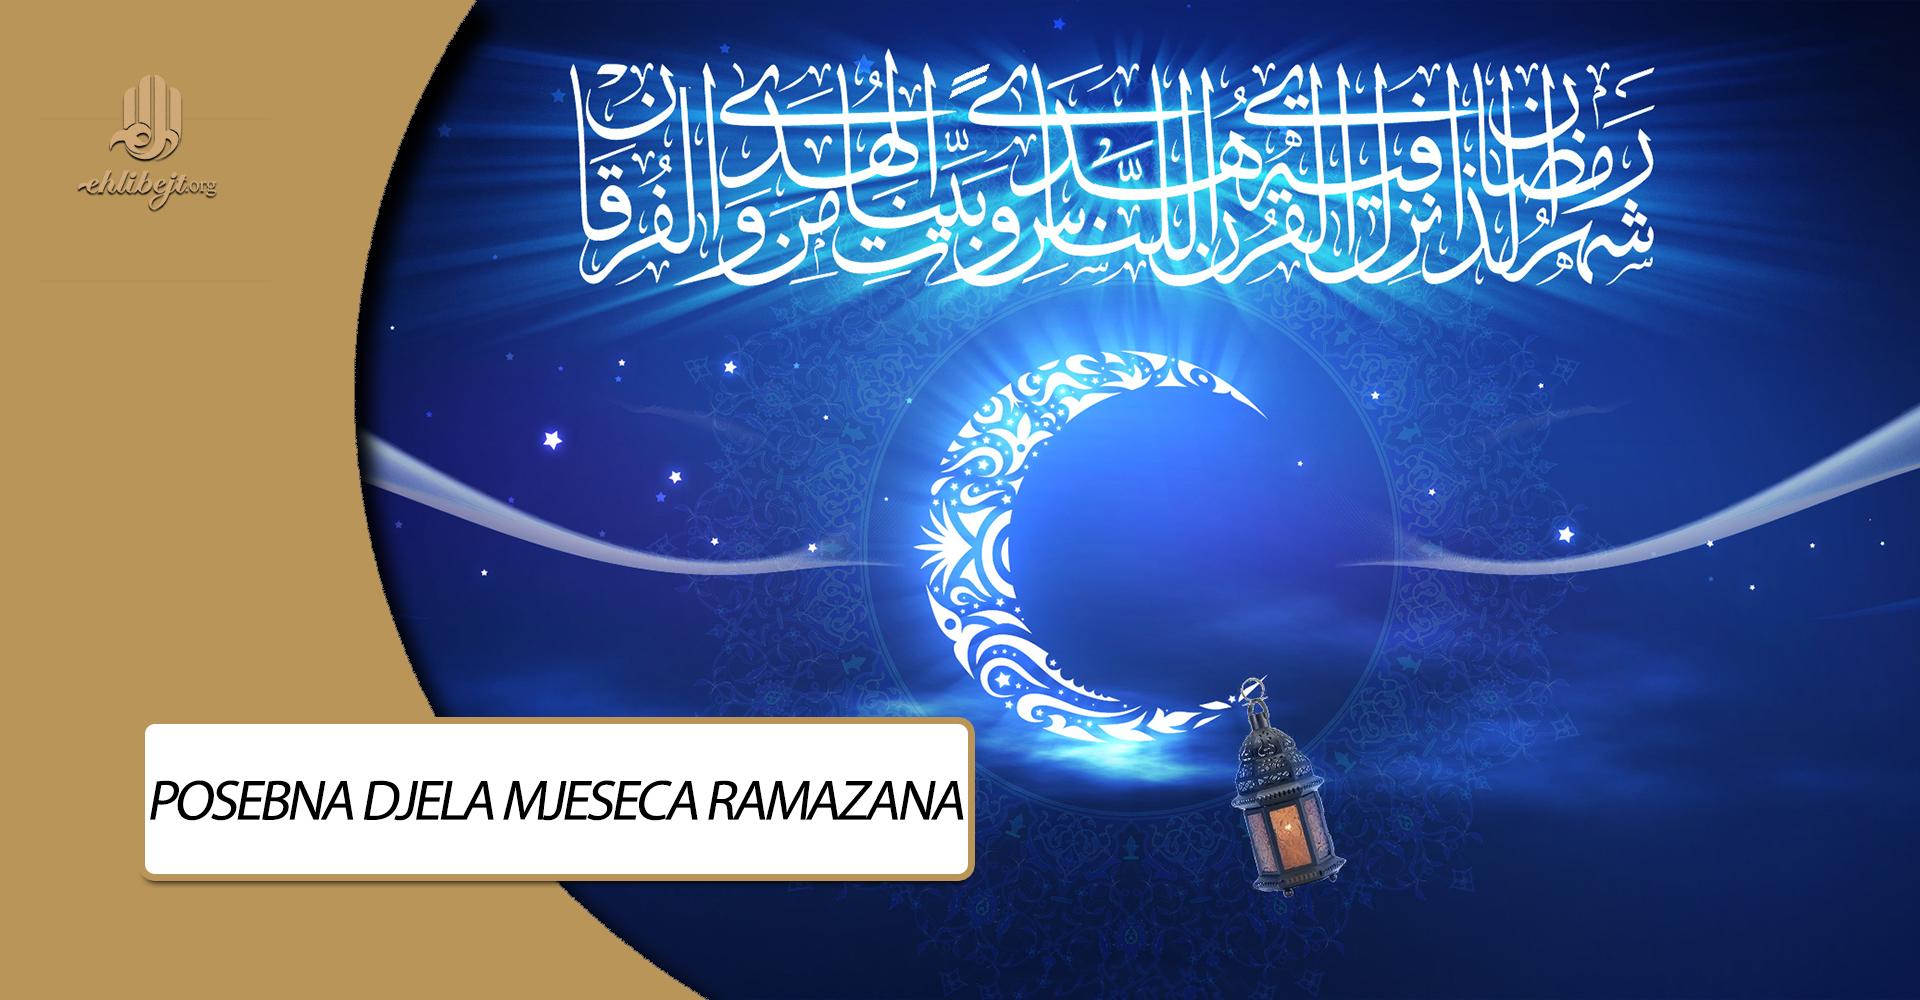 Posebna djela mjeseca ramazana